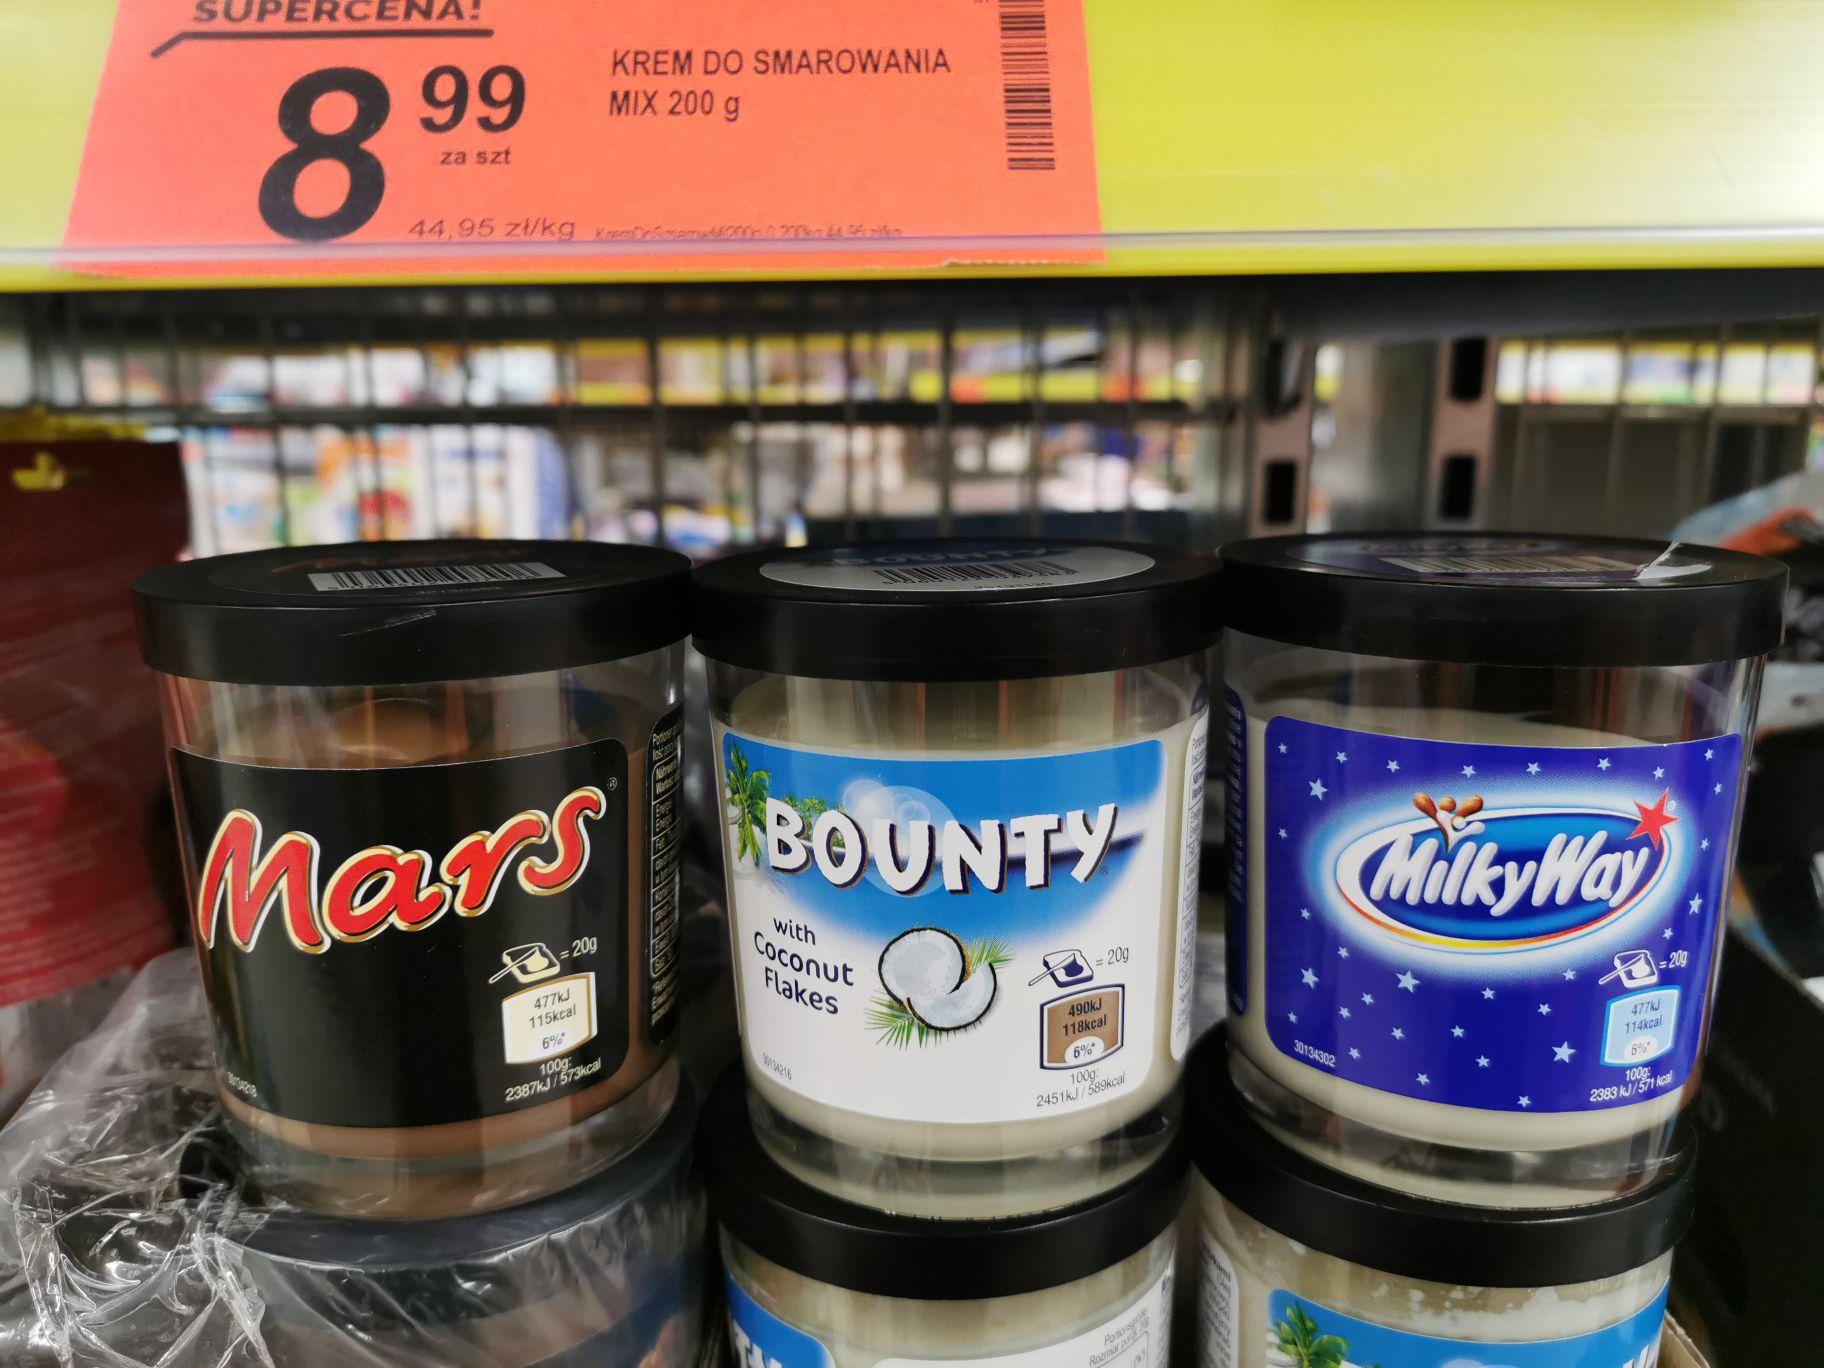 Kremy Bounty / Milky Way / Mars